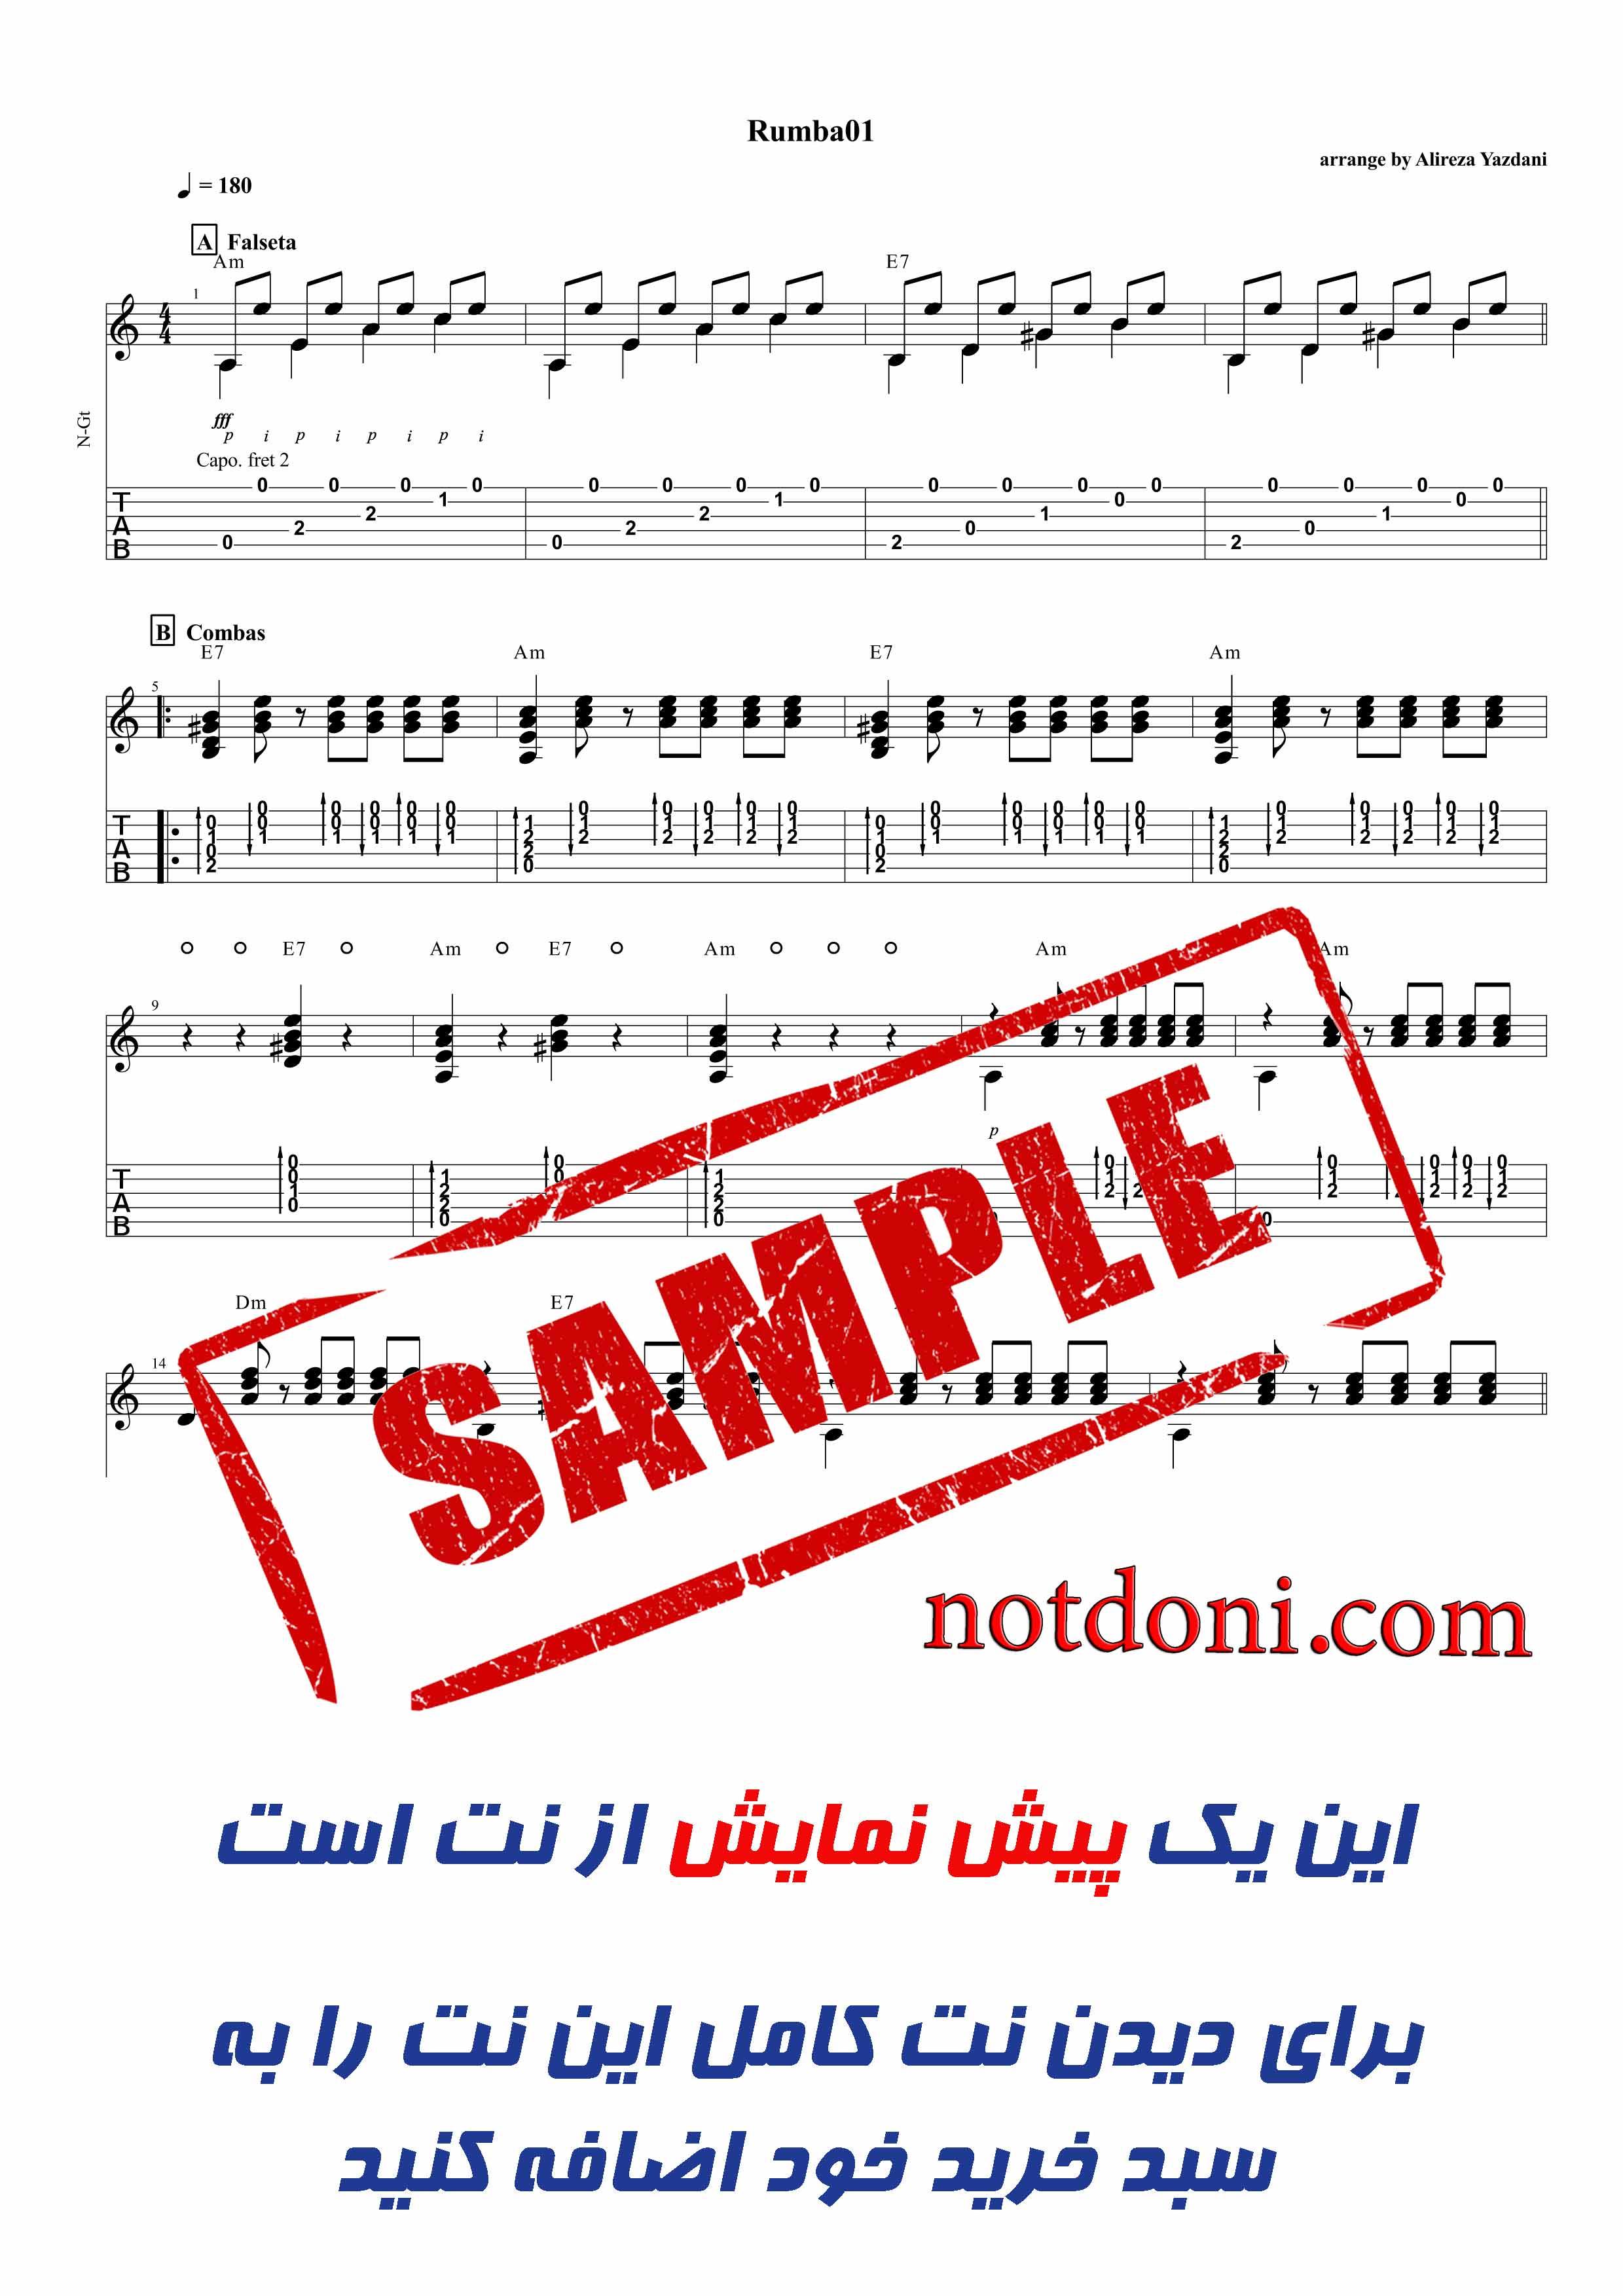 1d11f4dd-5337-4b81-b627-2dd6db651117_نت-آهنگ-اسپانیایی-برای-گیتار.jpg